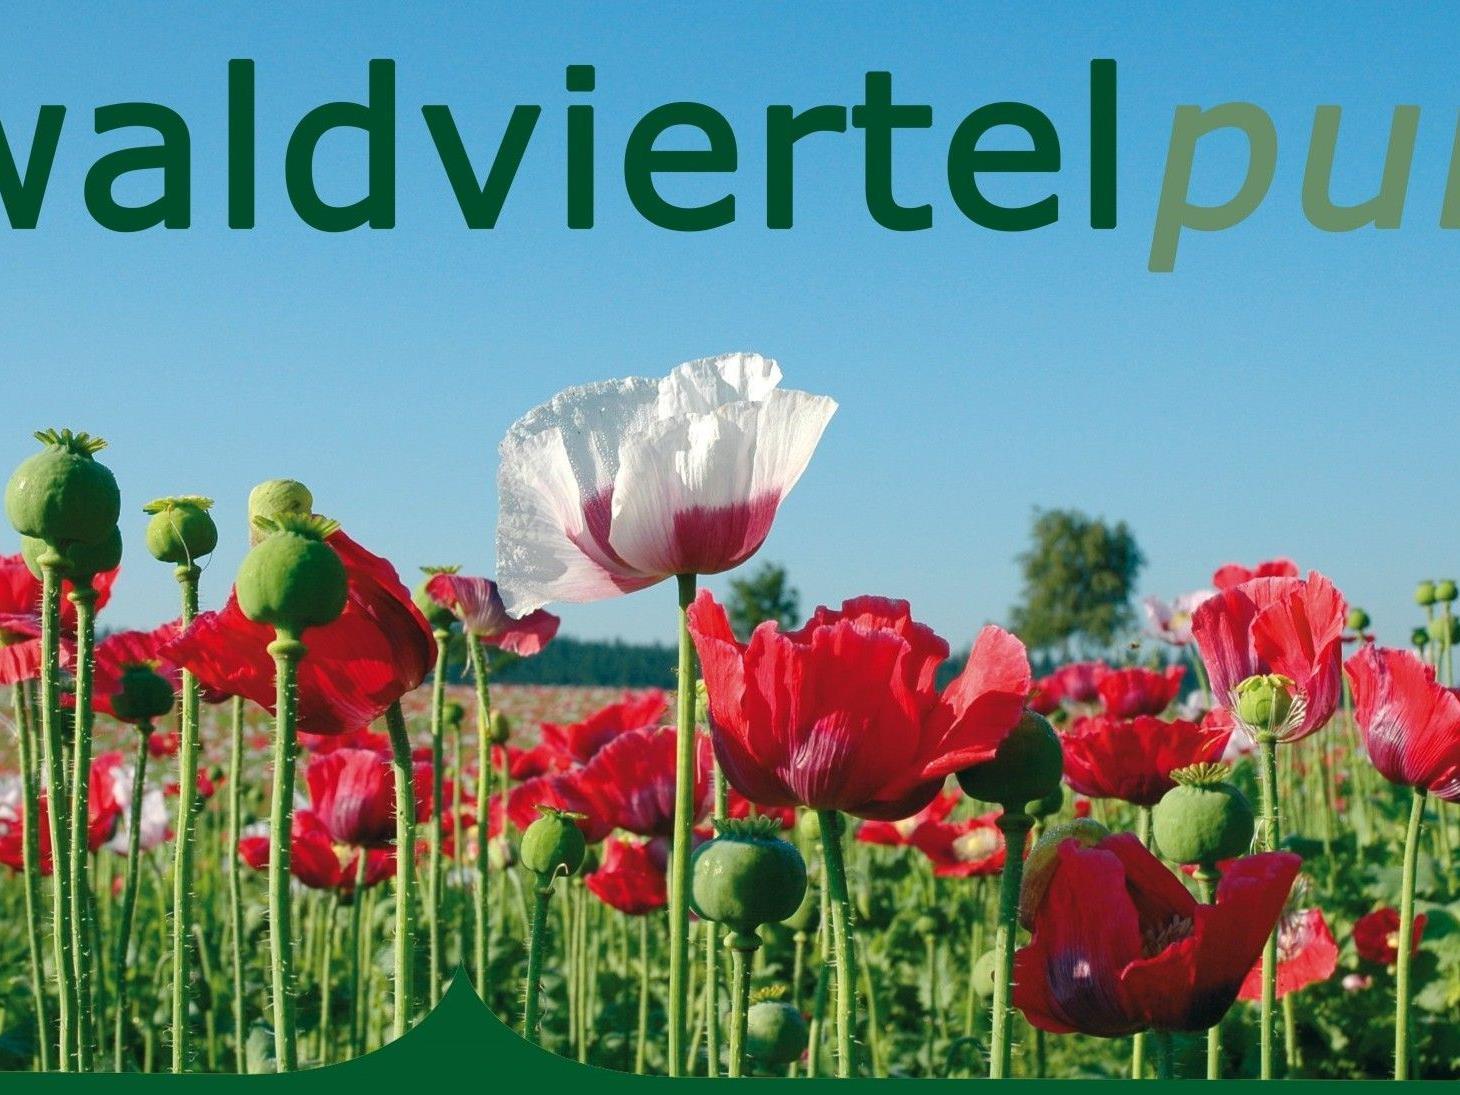 waldviertelpur startet am 27. August 2012 am Wiener Heldenplatz.